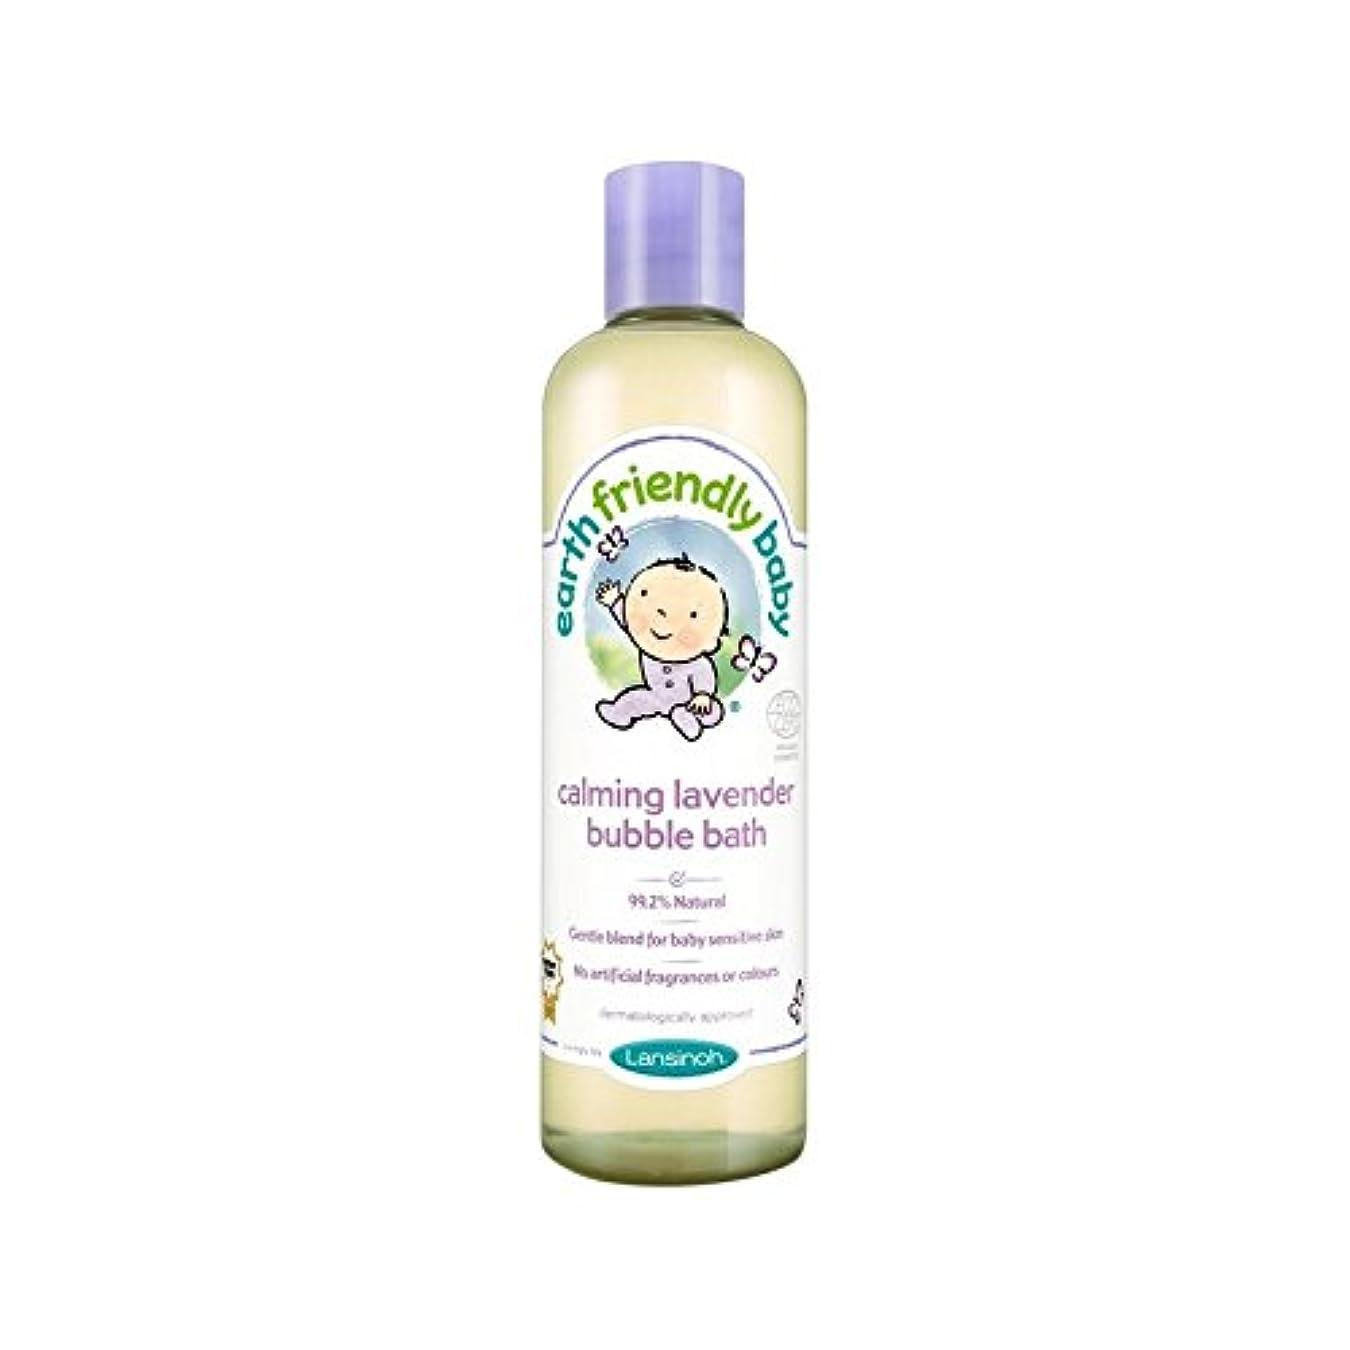 に変わる調停者乱雑な赤ちゃん沈静ラベンダー泡風呂のエコサートの300ミリリットル (Earth Friendly) - Earth Friendly Baby Calming Lavender Bubble Bath ECOCERT 300ml...